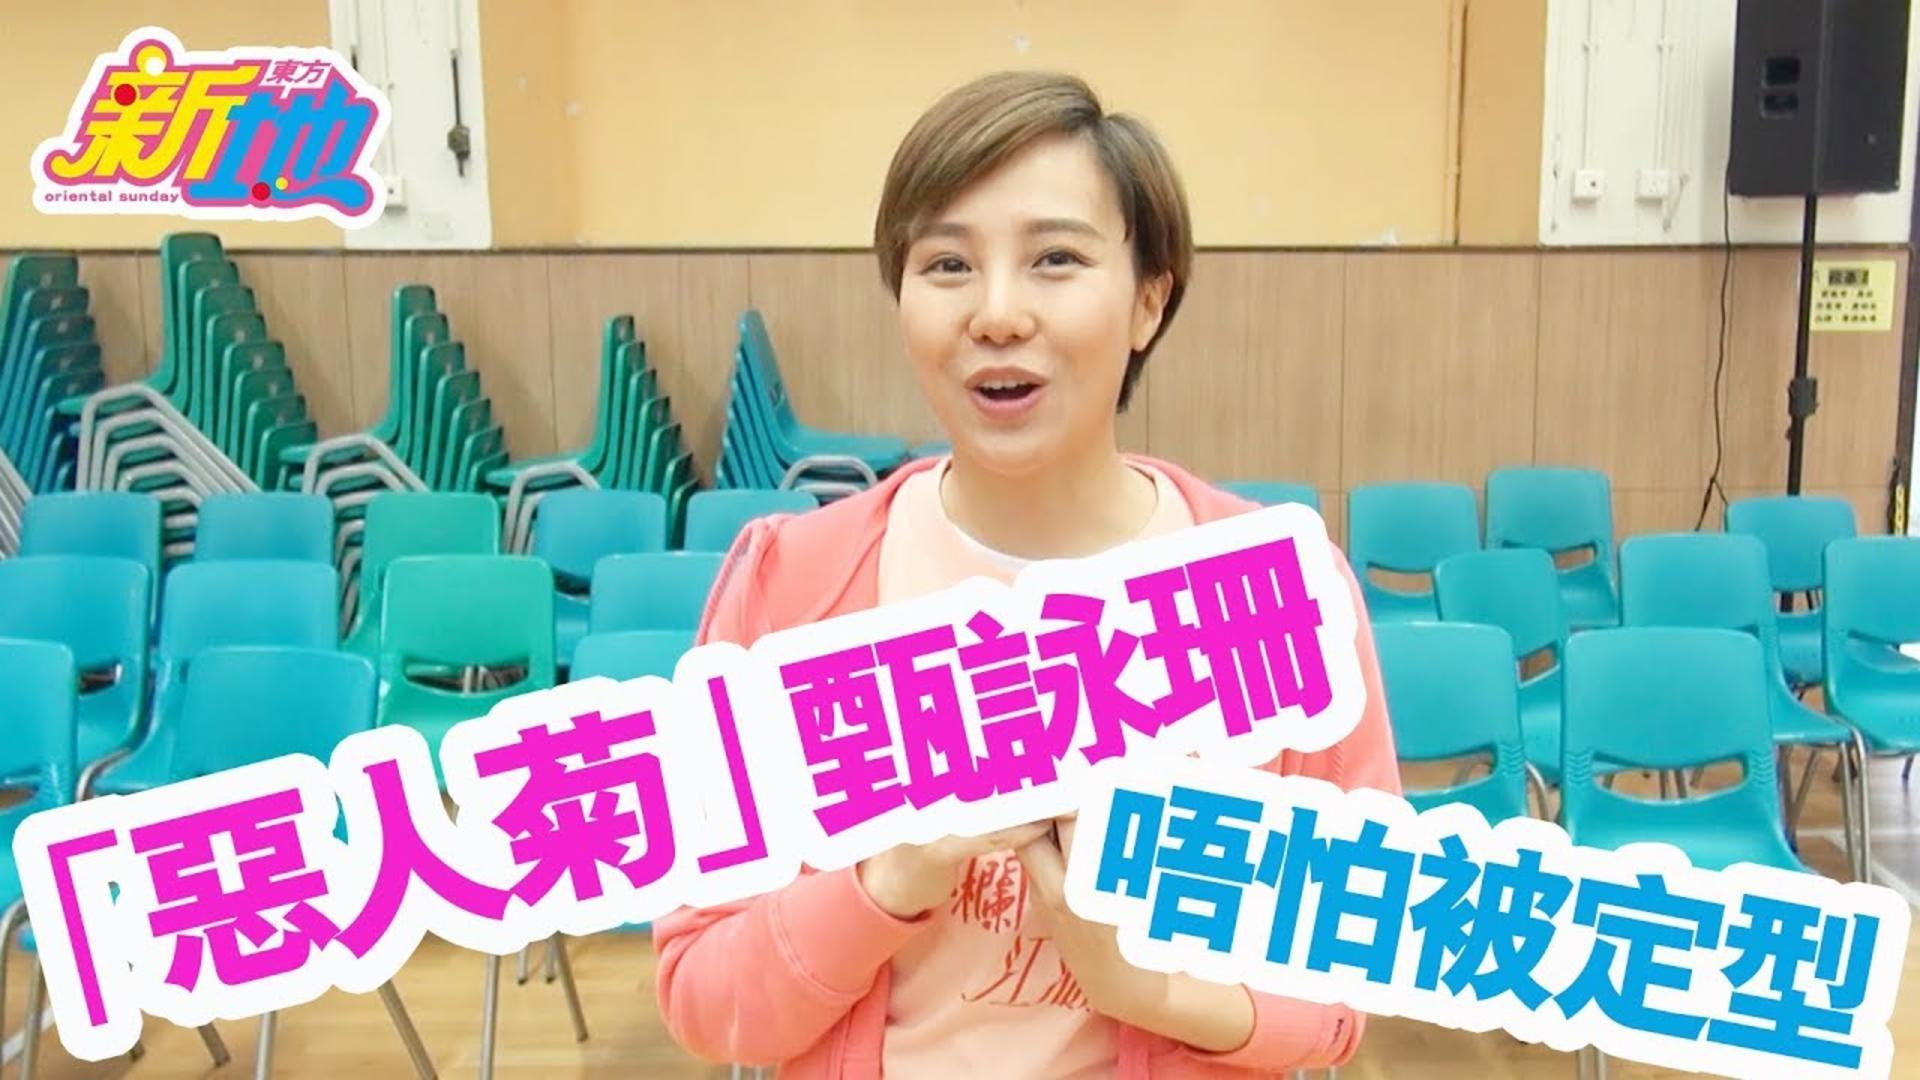 甄詠珊 唔怕被定型【明星專訪】|東方新地